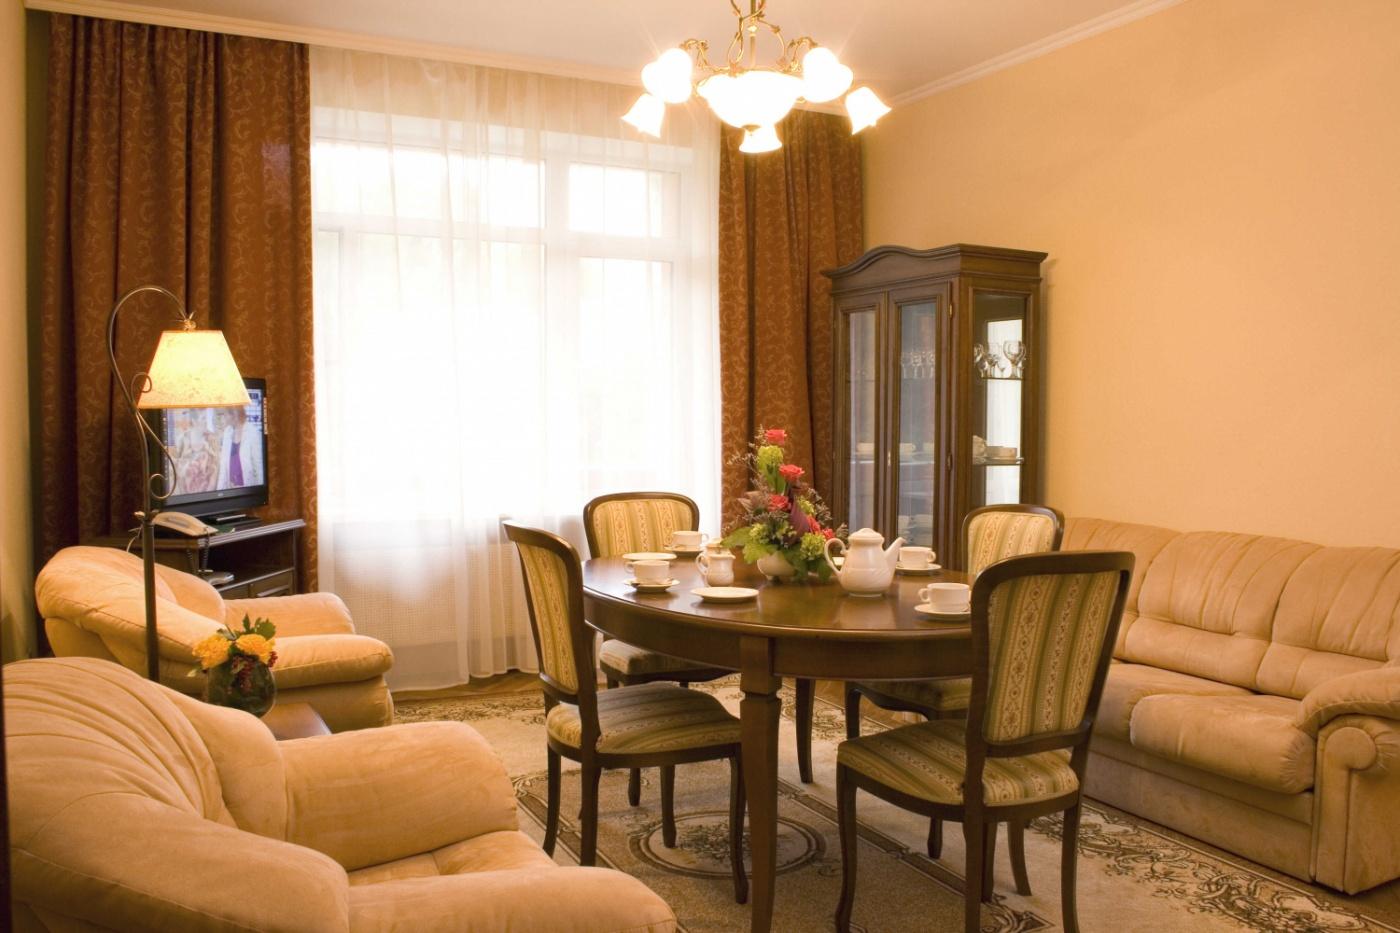 Пансионат «Бор» Московская область 2-комнатный 4-местный (Пансионат), фото 2